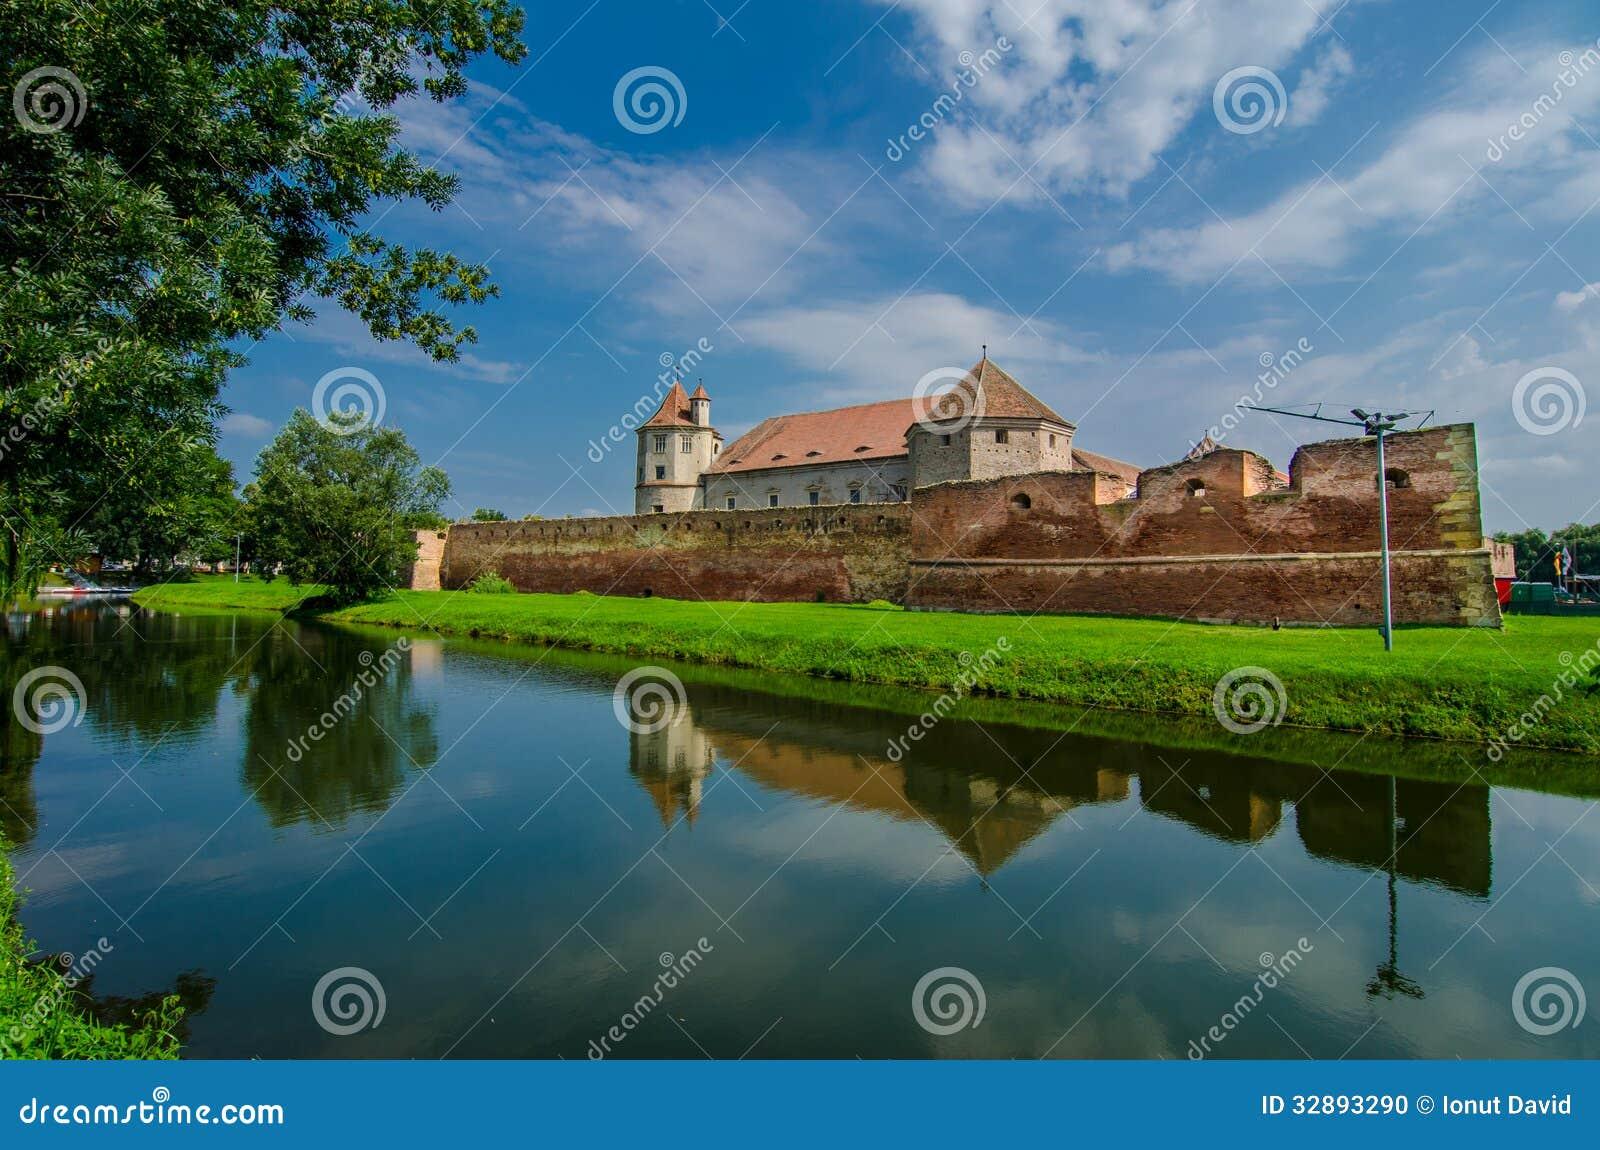 La fortaleza de Fagaras en el condado de Brasov, Rumania.